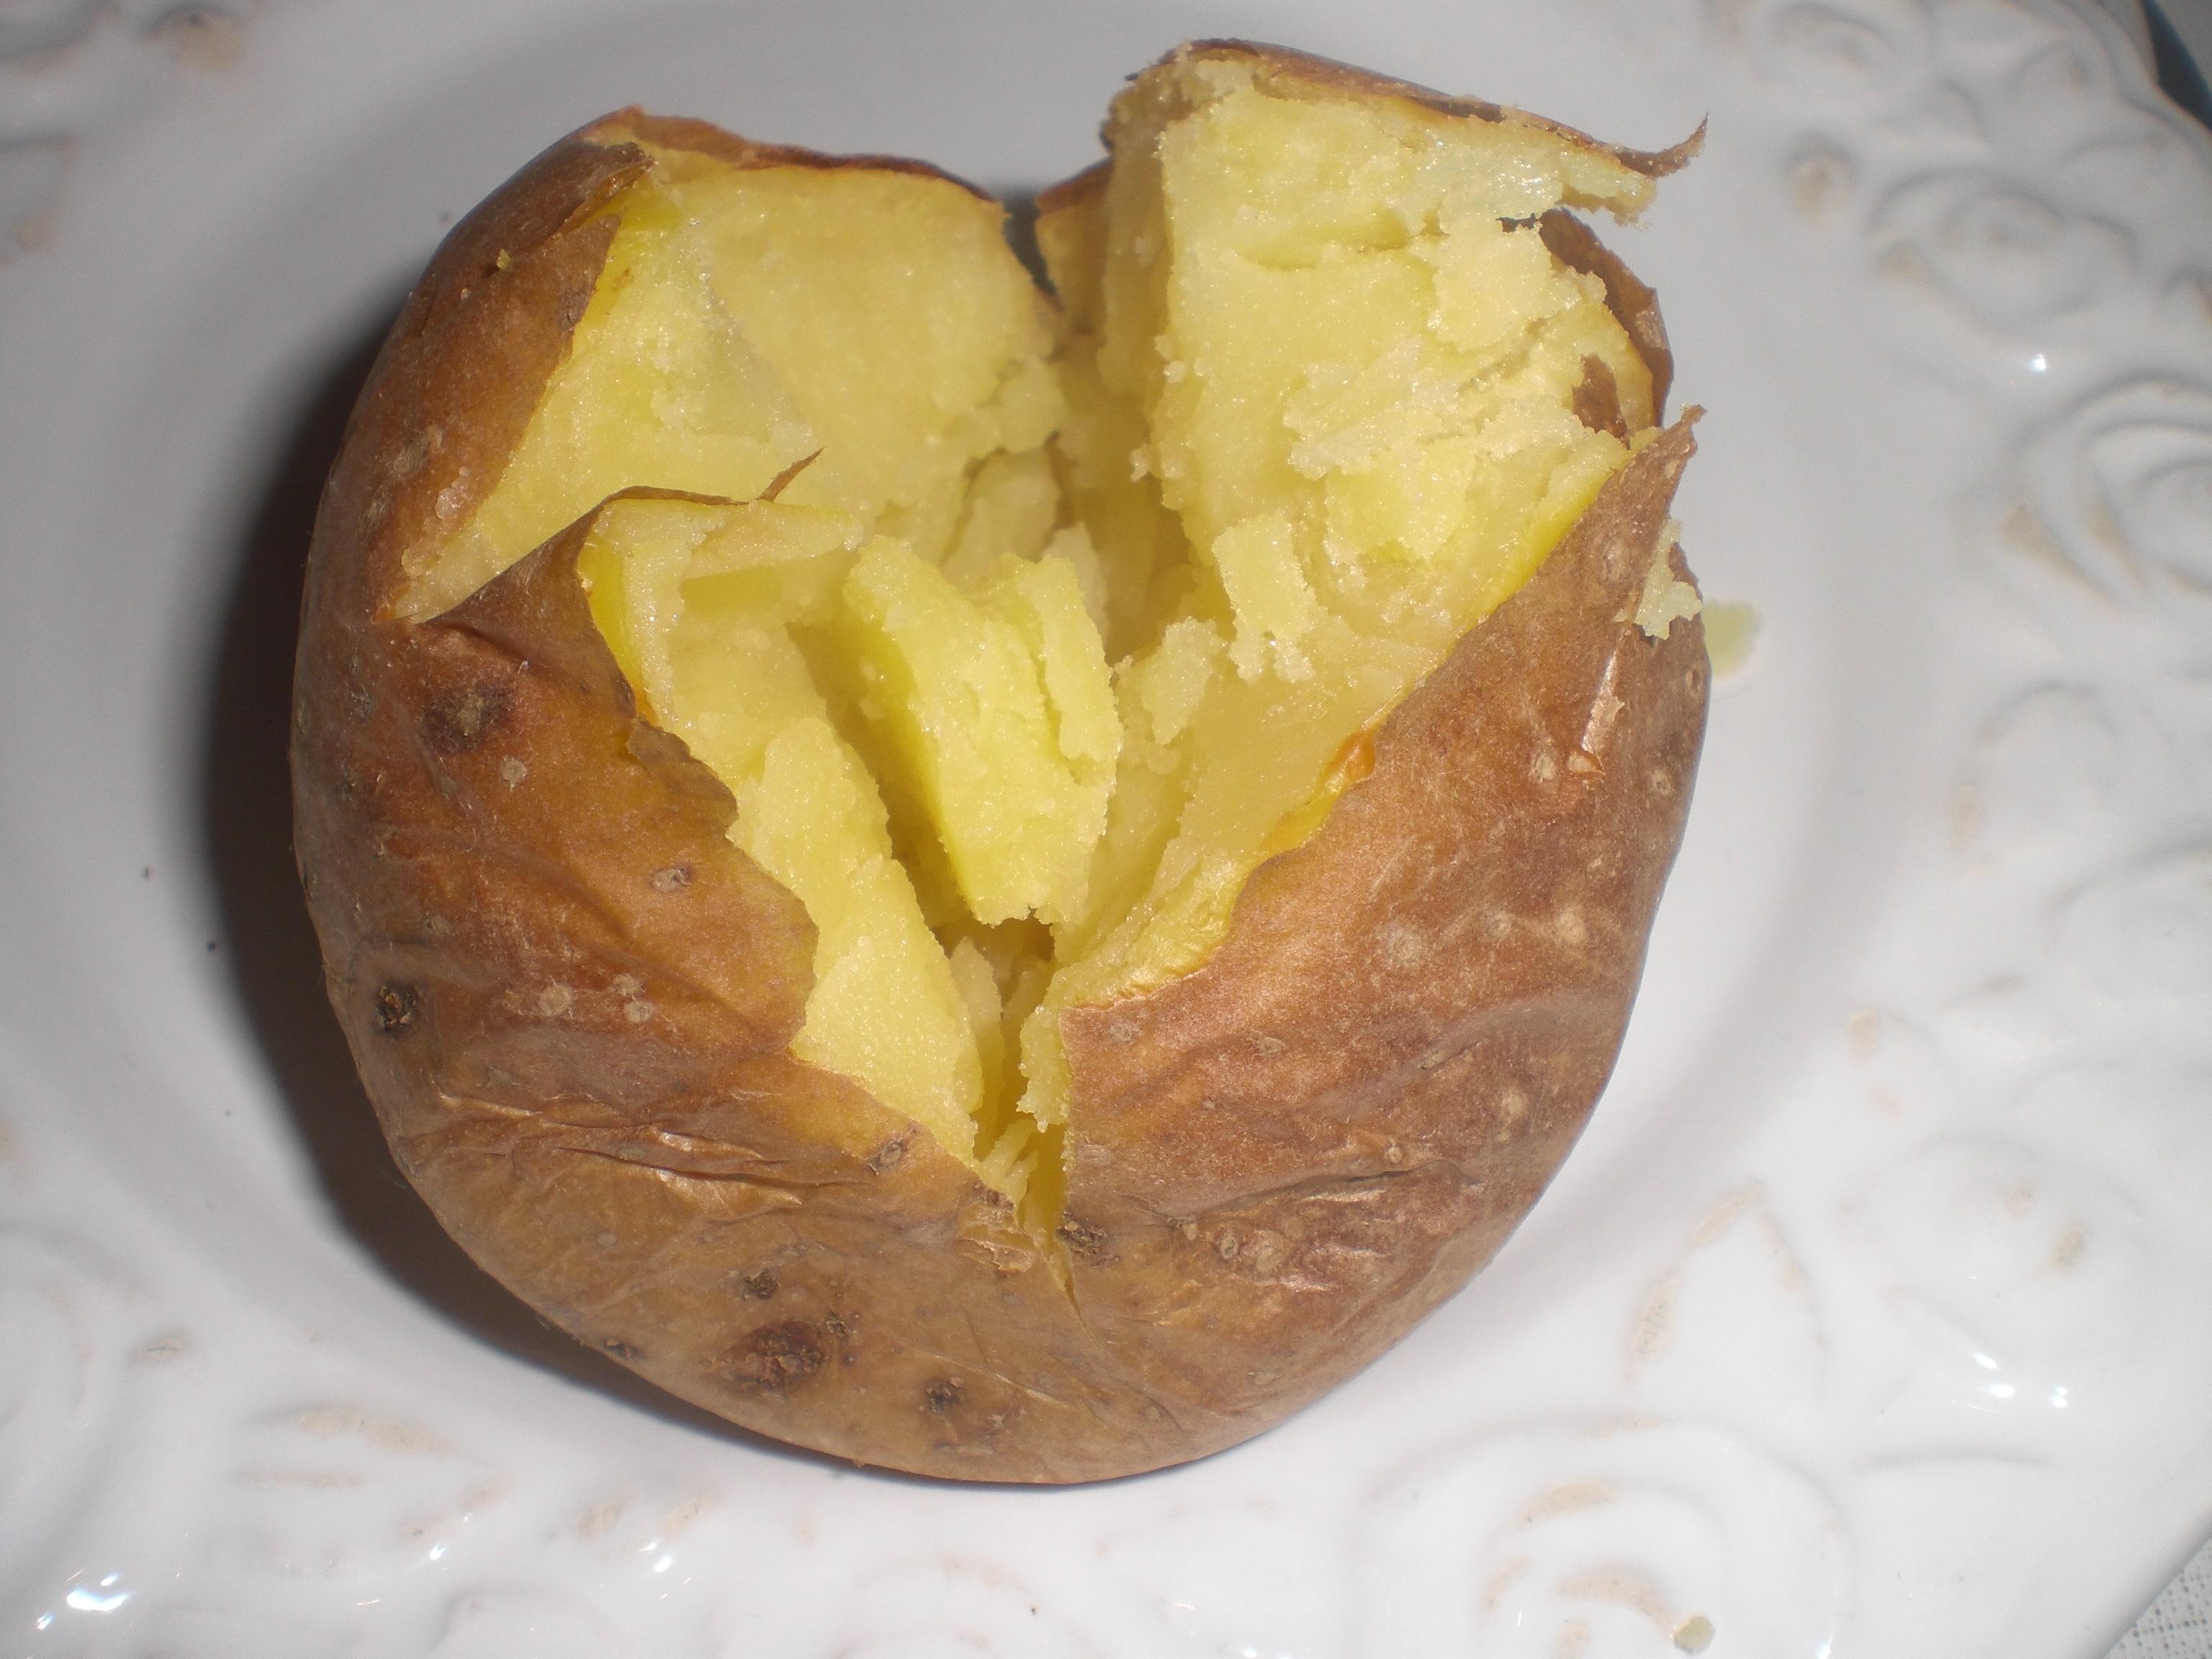 Giv kartoflerne et snit, og klem på hver side af den, så den åbner sig.